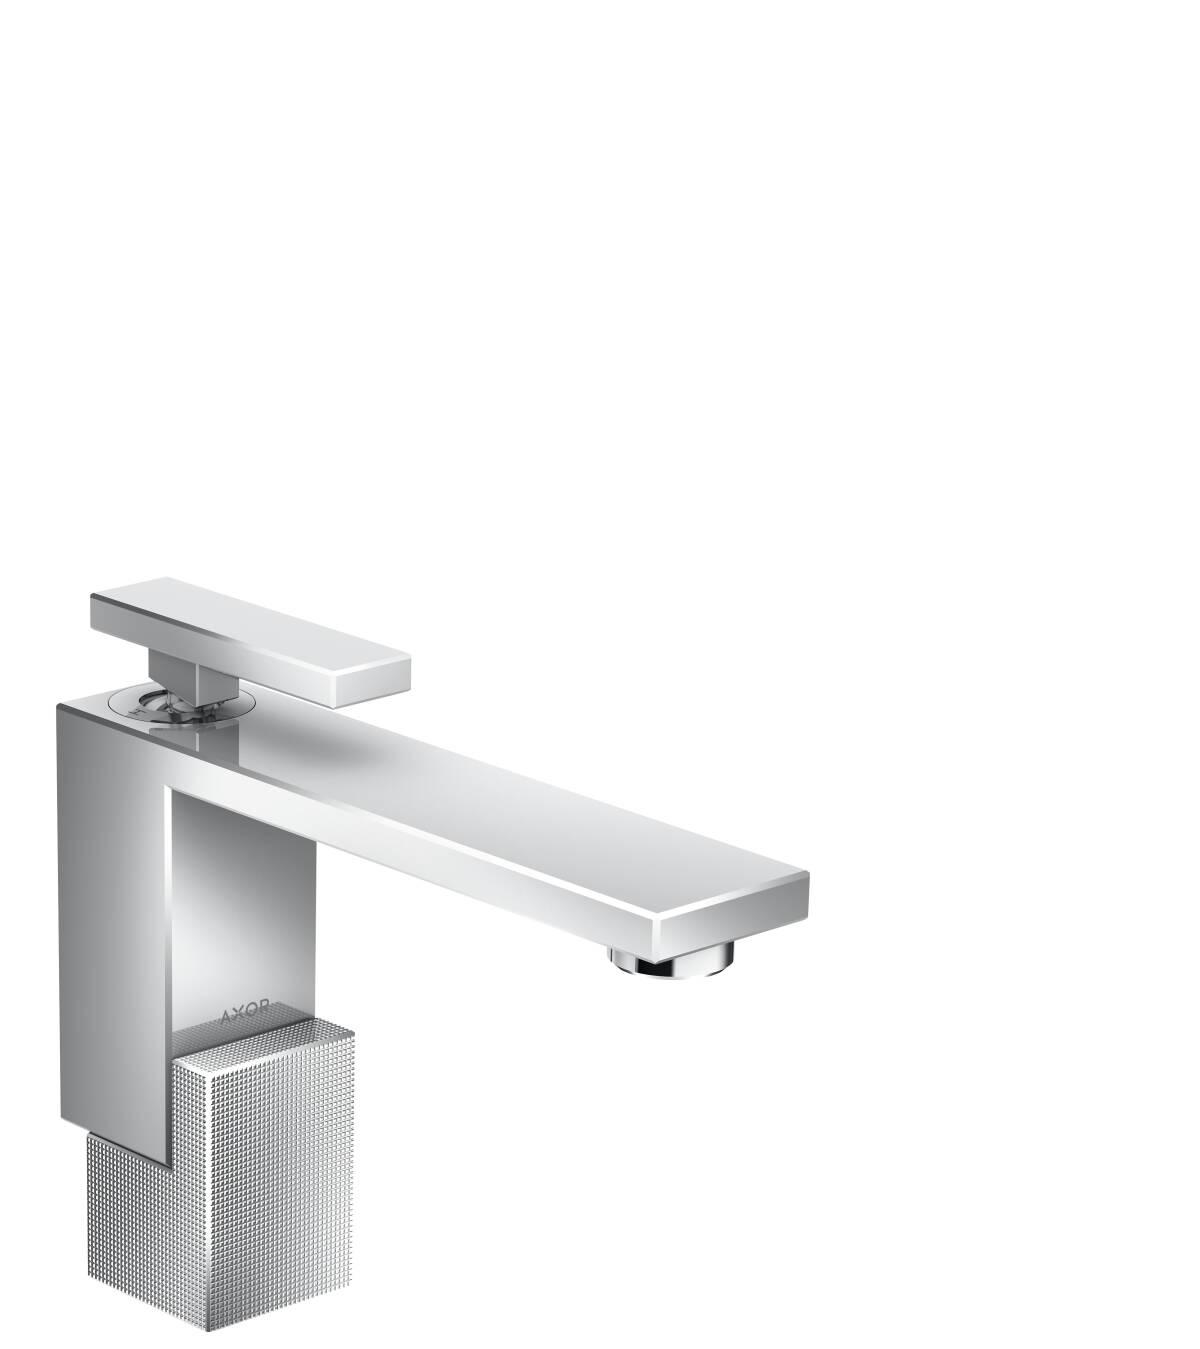 Einhebel-Waschtischmischer 130 mit Push-Open Ablaufgarnitur - Diamantschliff, Chrom, 46011000